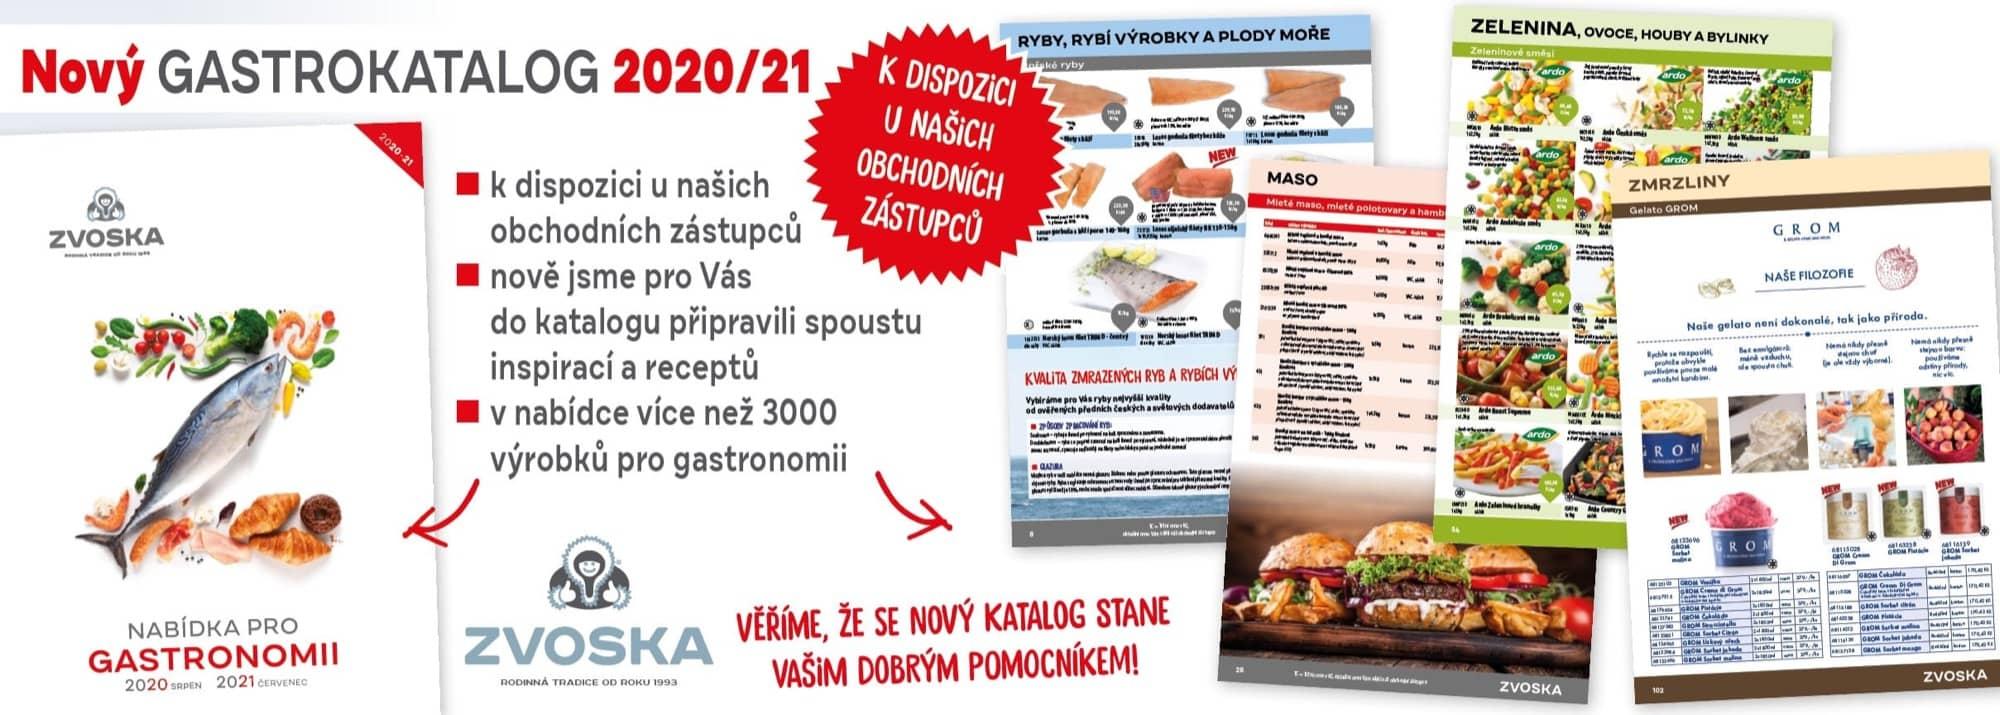 Nabídka pro gastronomii